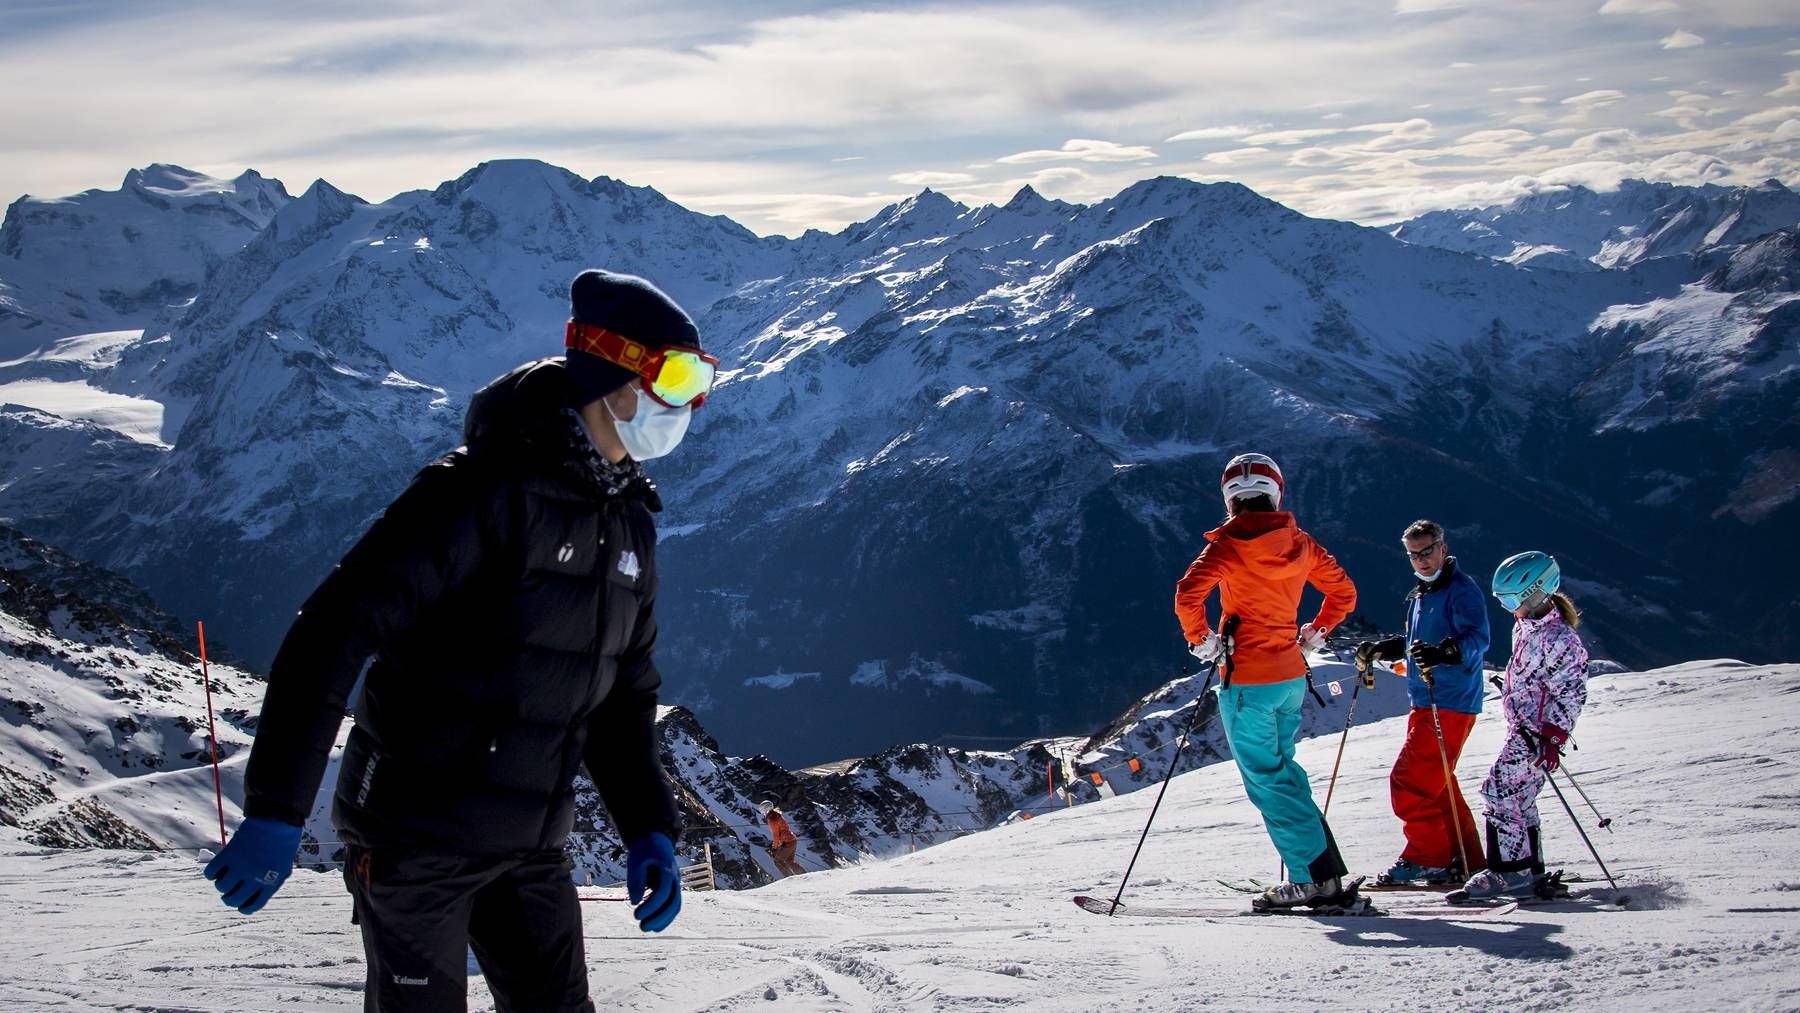 Franzosen, die zum Beispiel aus Verbier (im Symbolbild) von den Skiferien heimkehren, drohen Quarantäne oder Isolation.